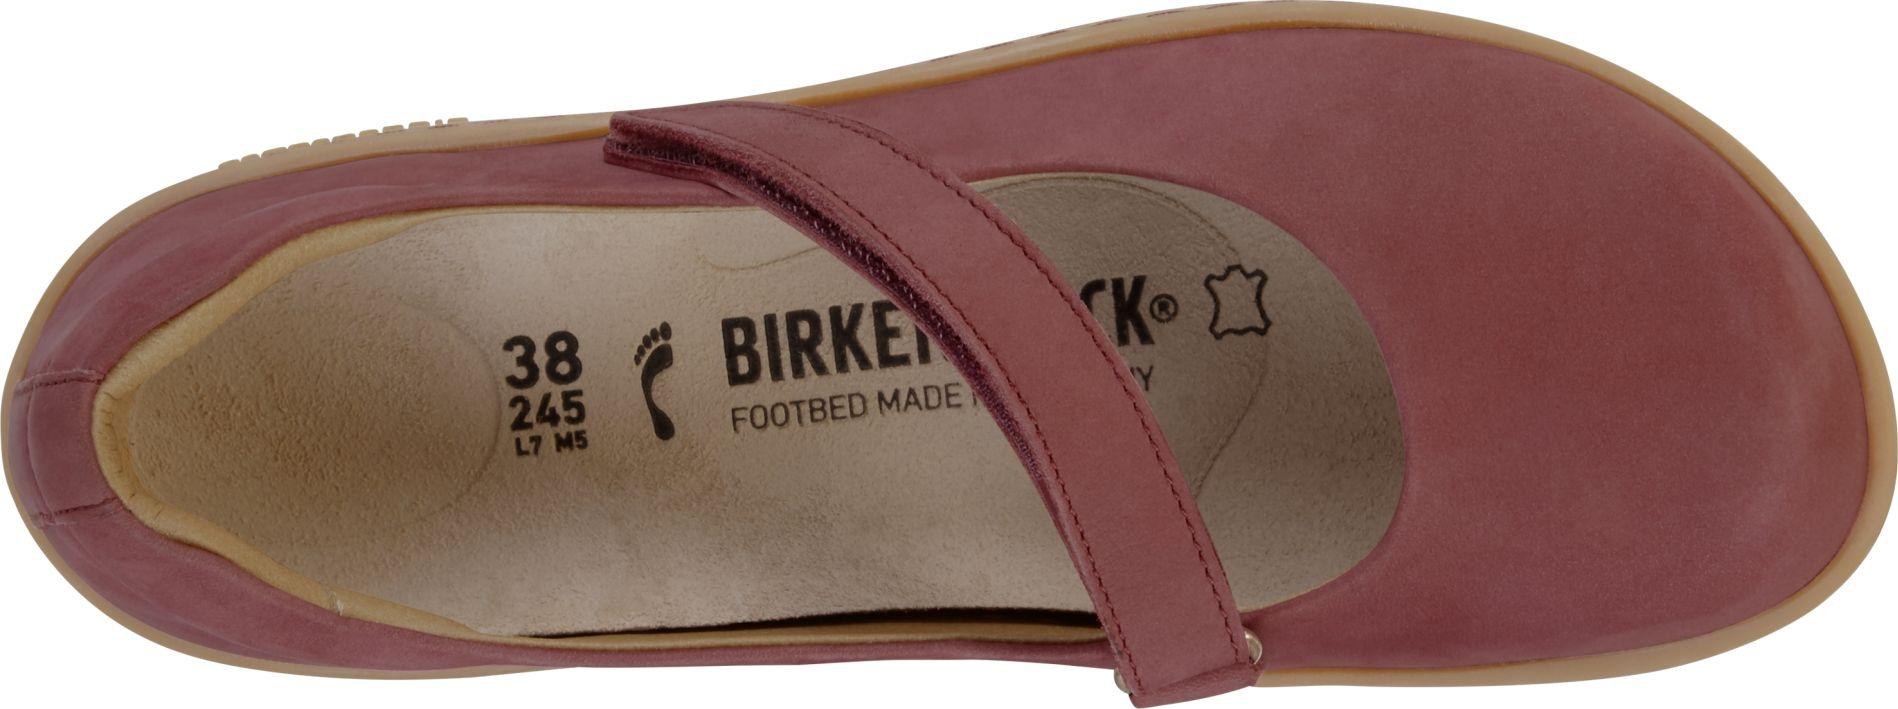 Birkenstock Lora Wine Nubukleder